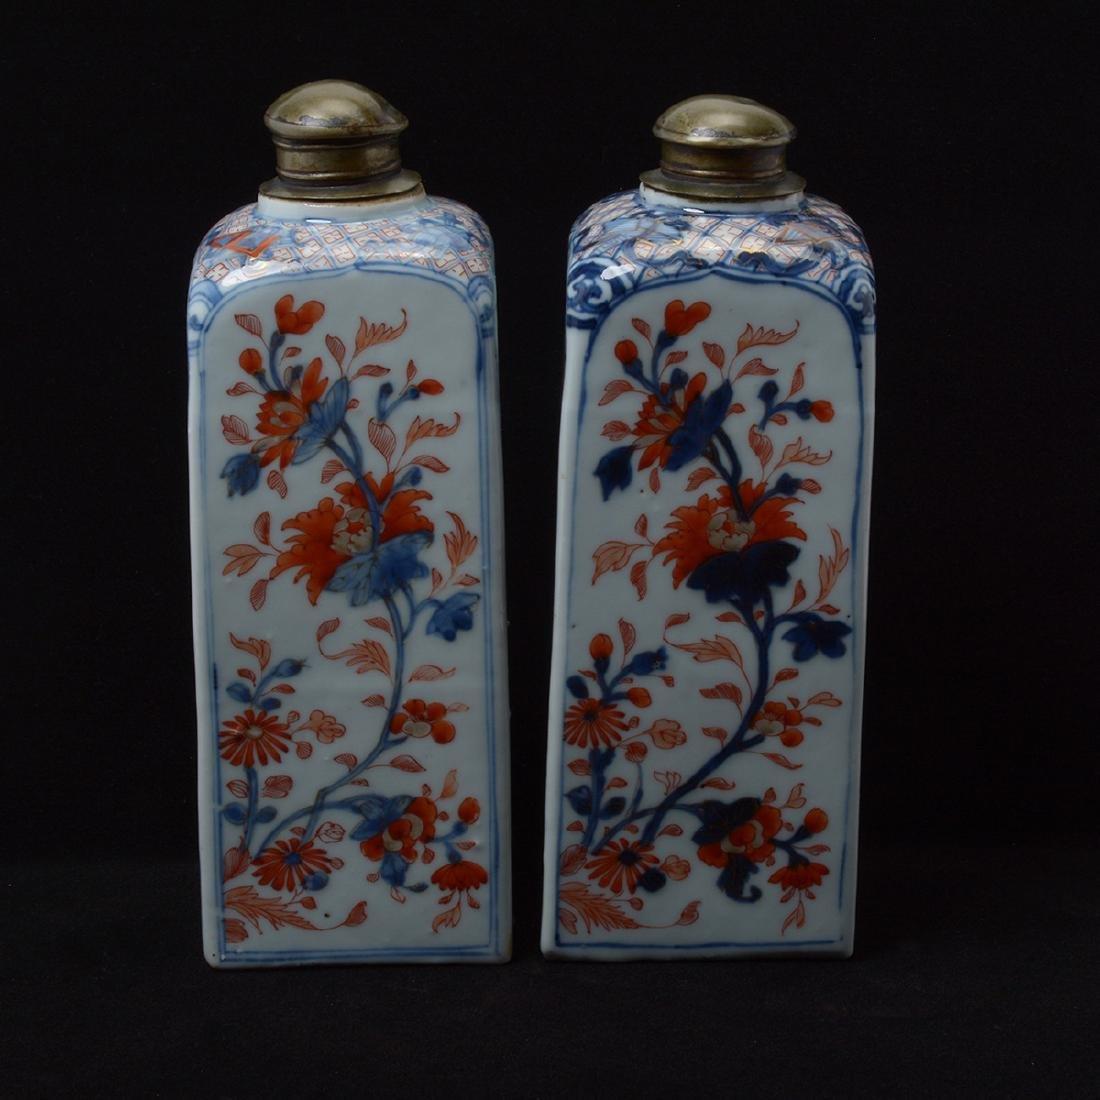 Pair of Chinese Imari Square Bottles, Kangxi Period - 4